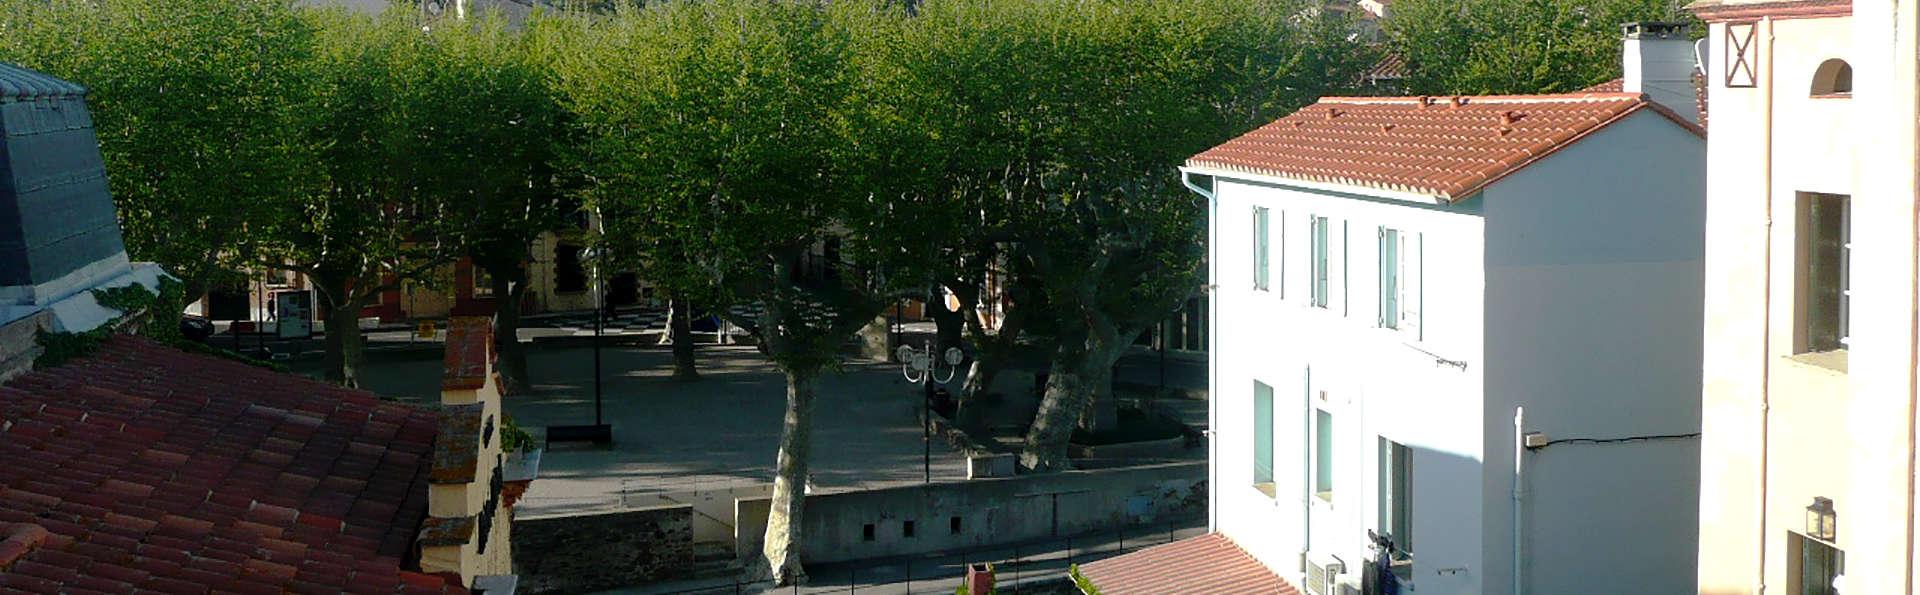 Hôtel Princes de Catalogne - Edit_View.jpg